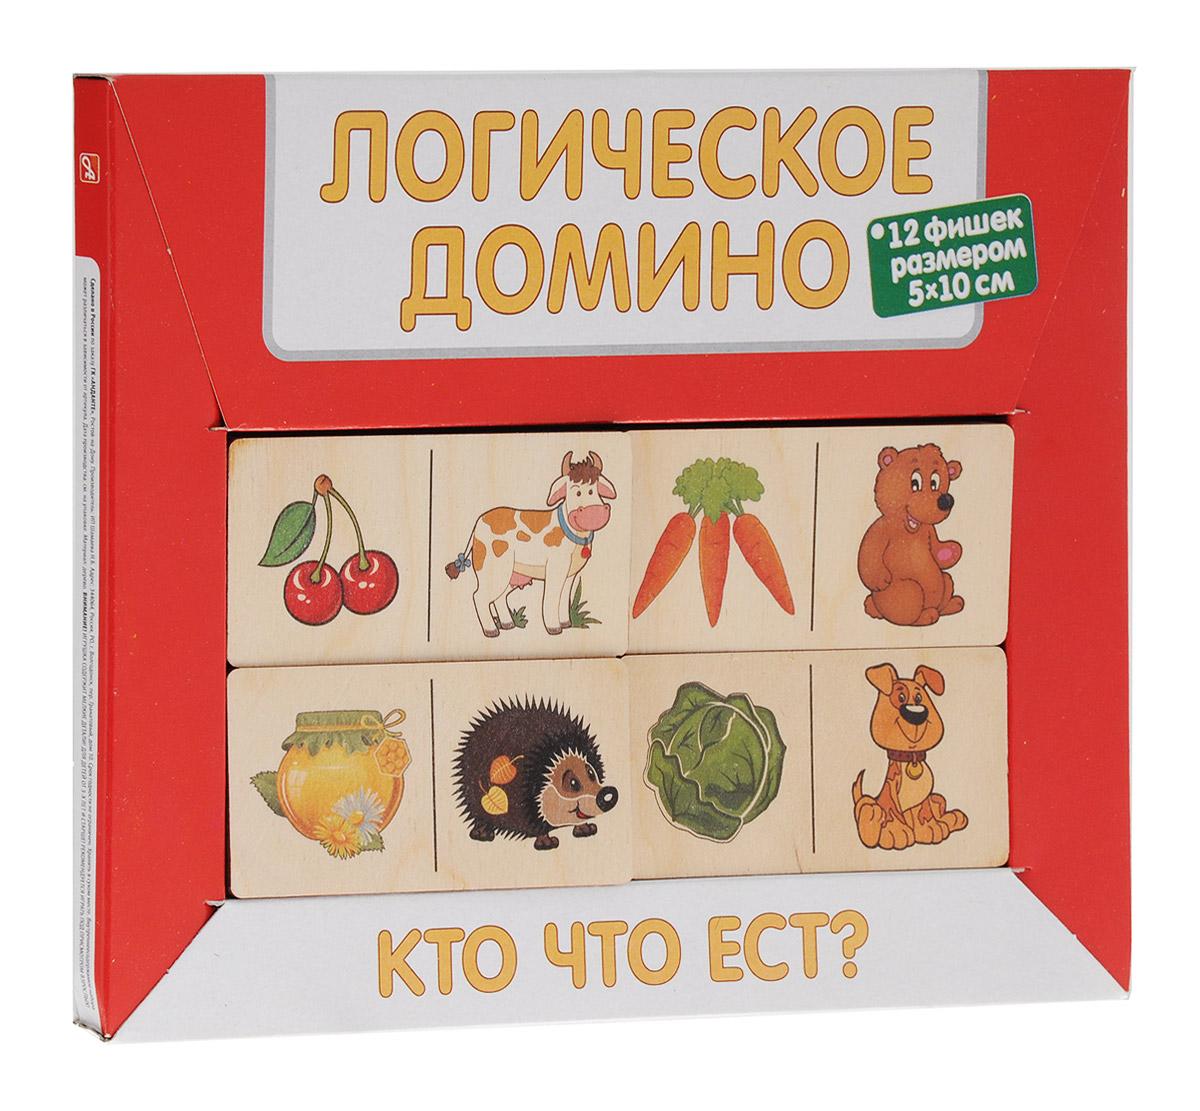 Развивающие деревянные игрушки Домино Кто что естД420аДомино Развивающие деревянные игрушки Кто что ест расскажет малышу о том, чем питаются те или иные зверушки. Фишки большого размера (5 см х 10 см) прекрасно подойдут даже для самых маленьких игроков. Малышу удобно держать такие фишки. Рисунки на ней - яркие и большие. С этой игрой можно проводить время не только дома, но и эффективно использовать для занятий в детском саду. Играя, ребёнок развивает целый спектр навыков: моторику, логику, воображение, изучает окружающий мир и цвета.